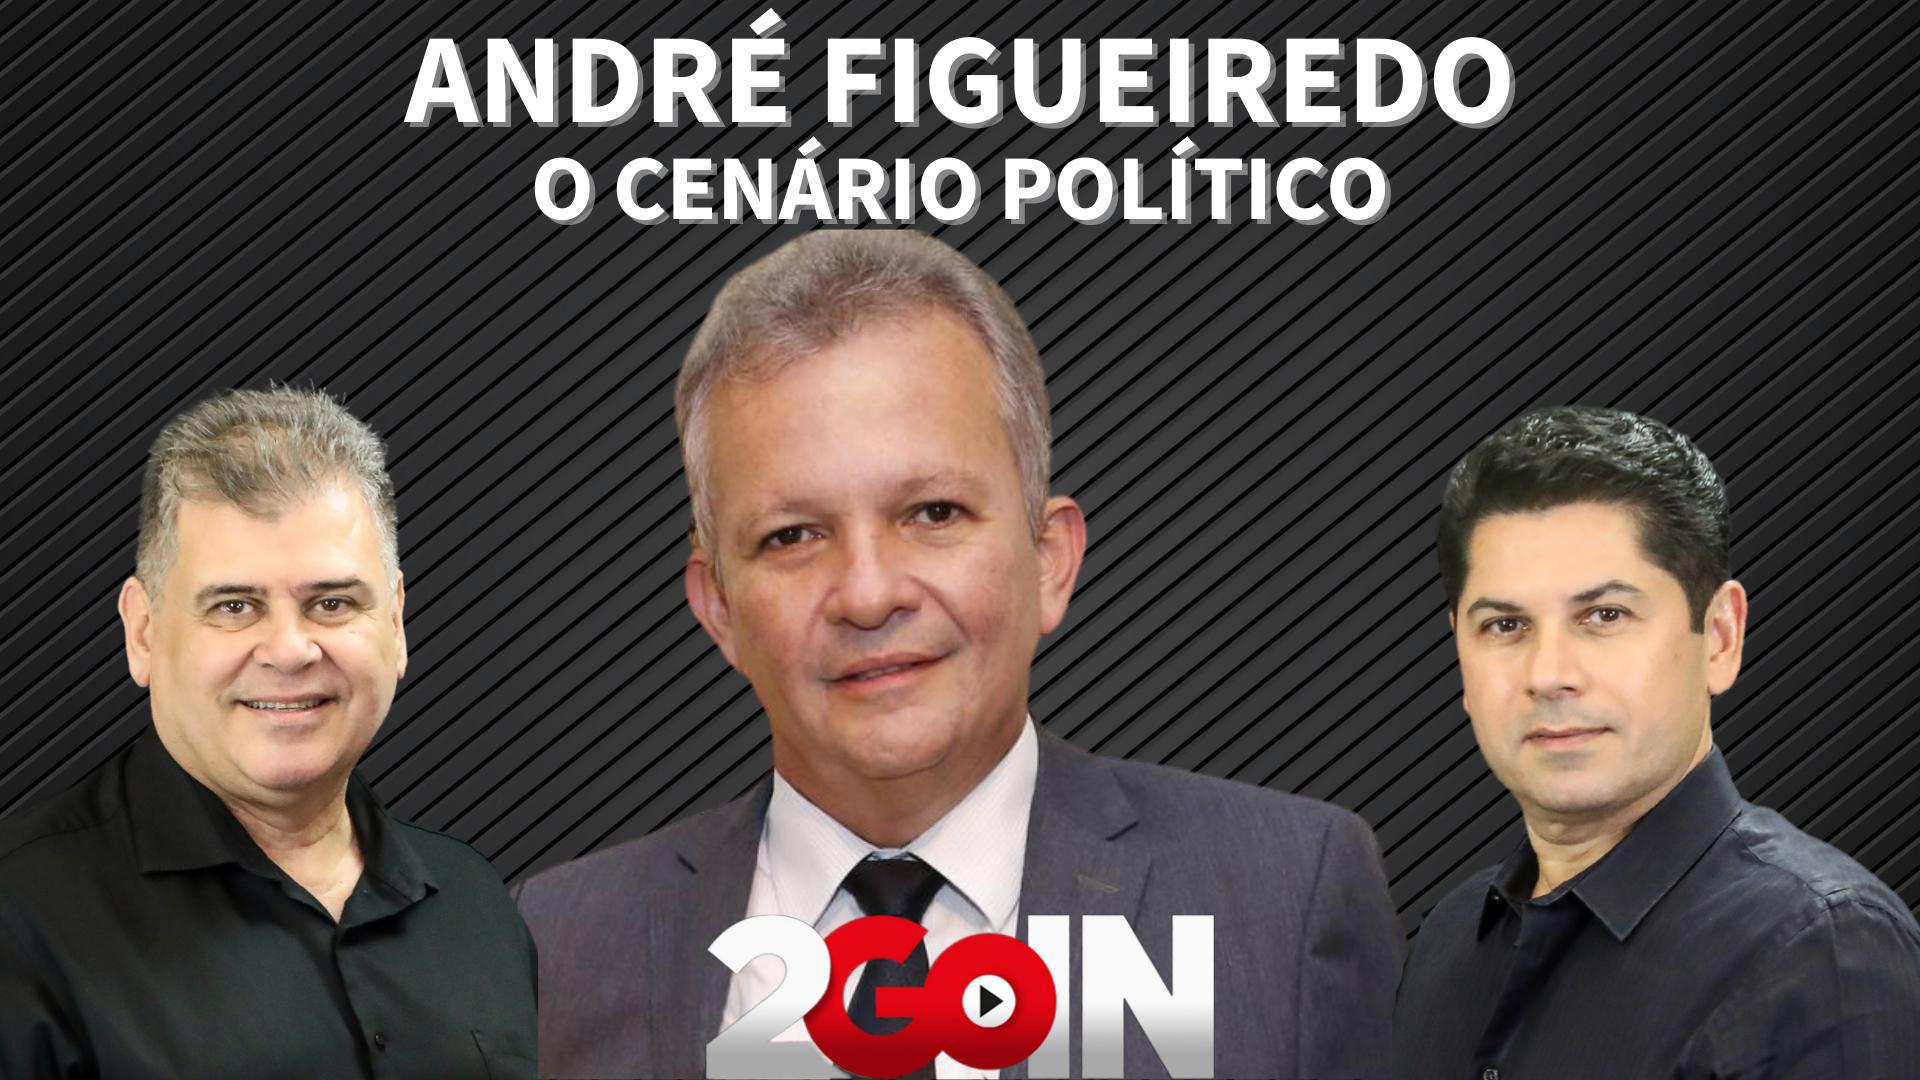 Deputado André Figueiredo analisa o cenário político e econômico no País